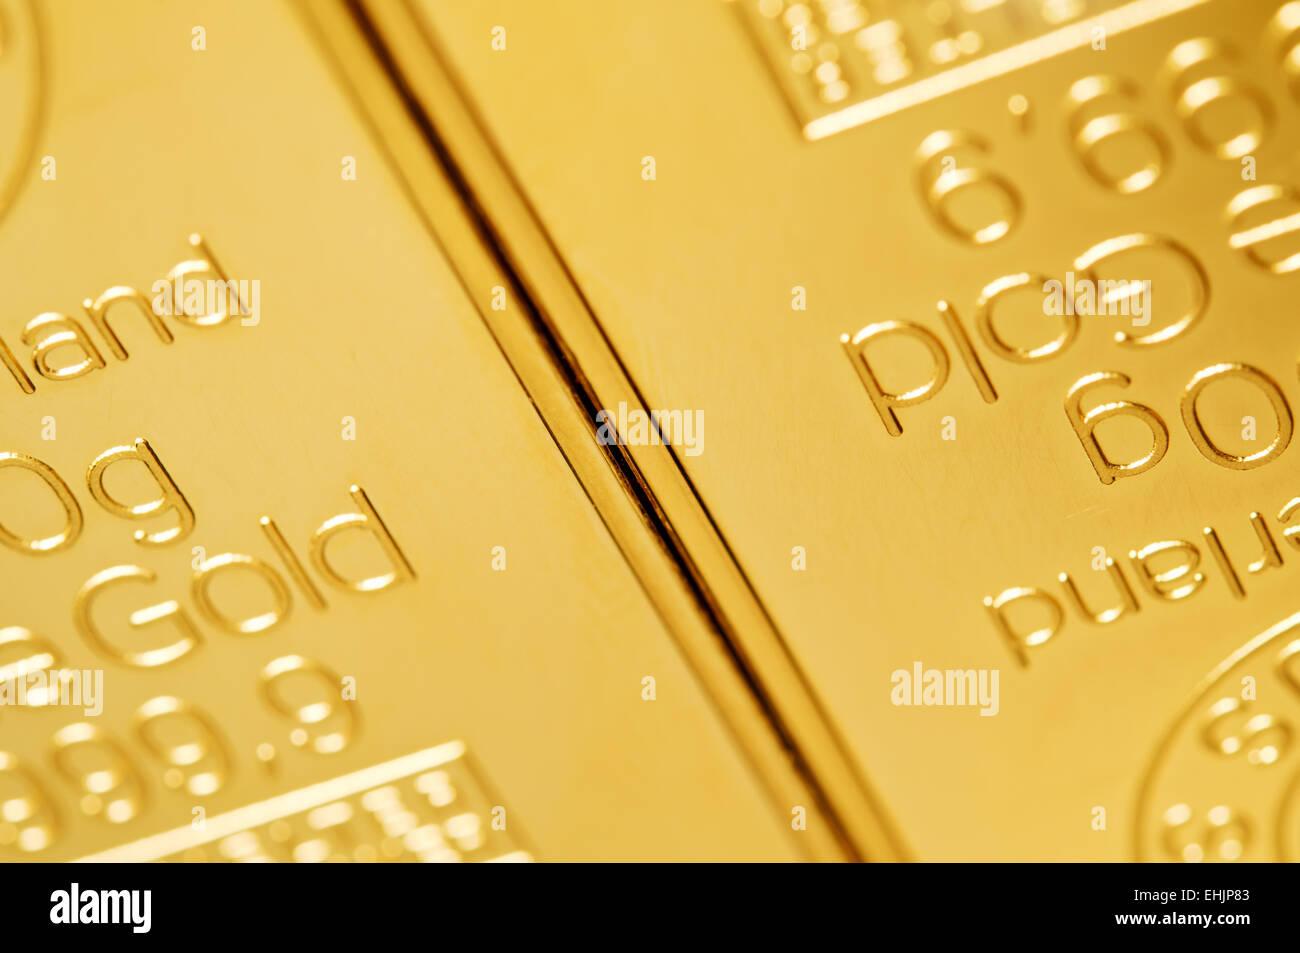 gold ingot  background - Stock Image